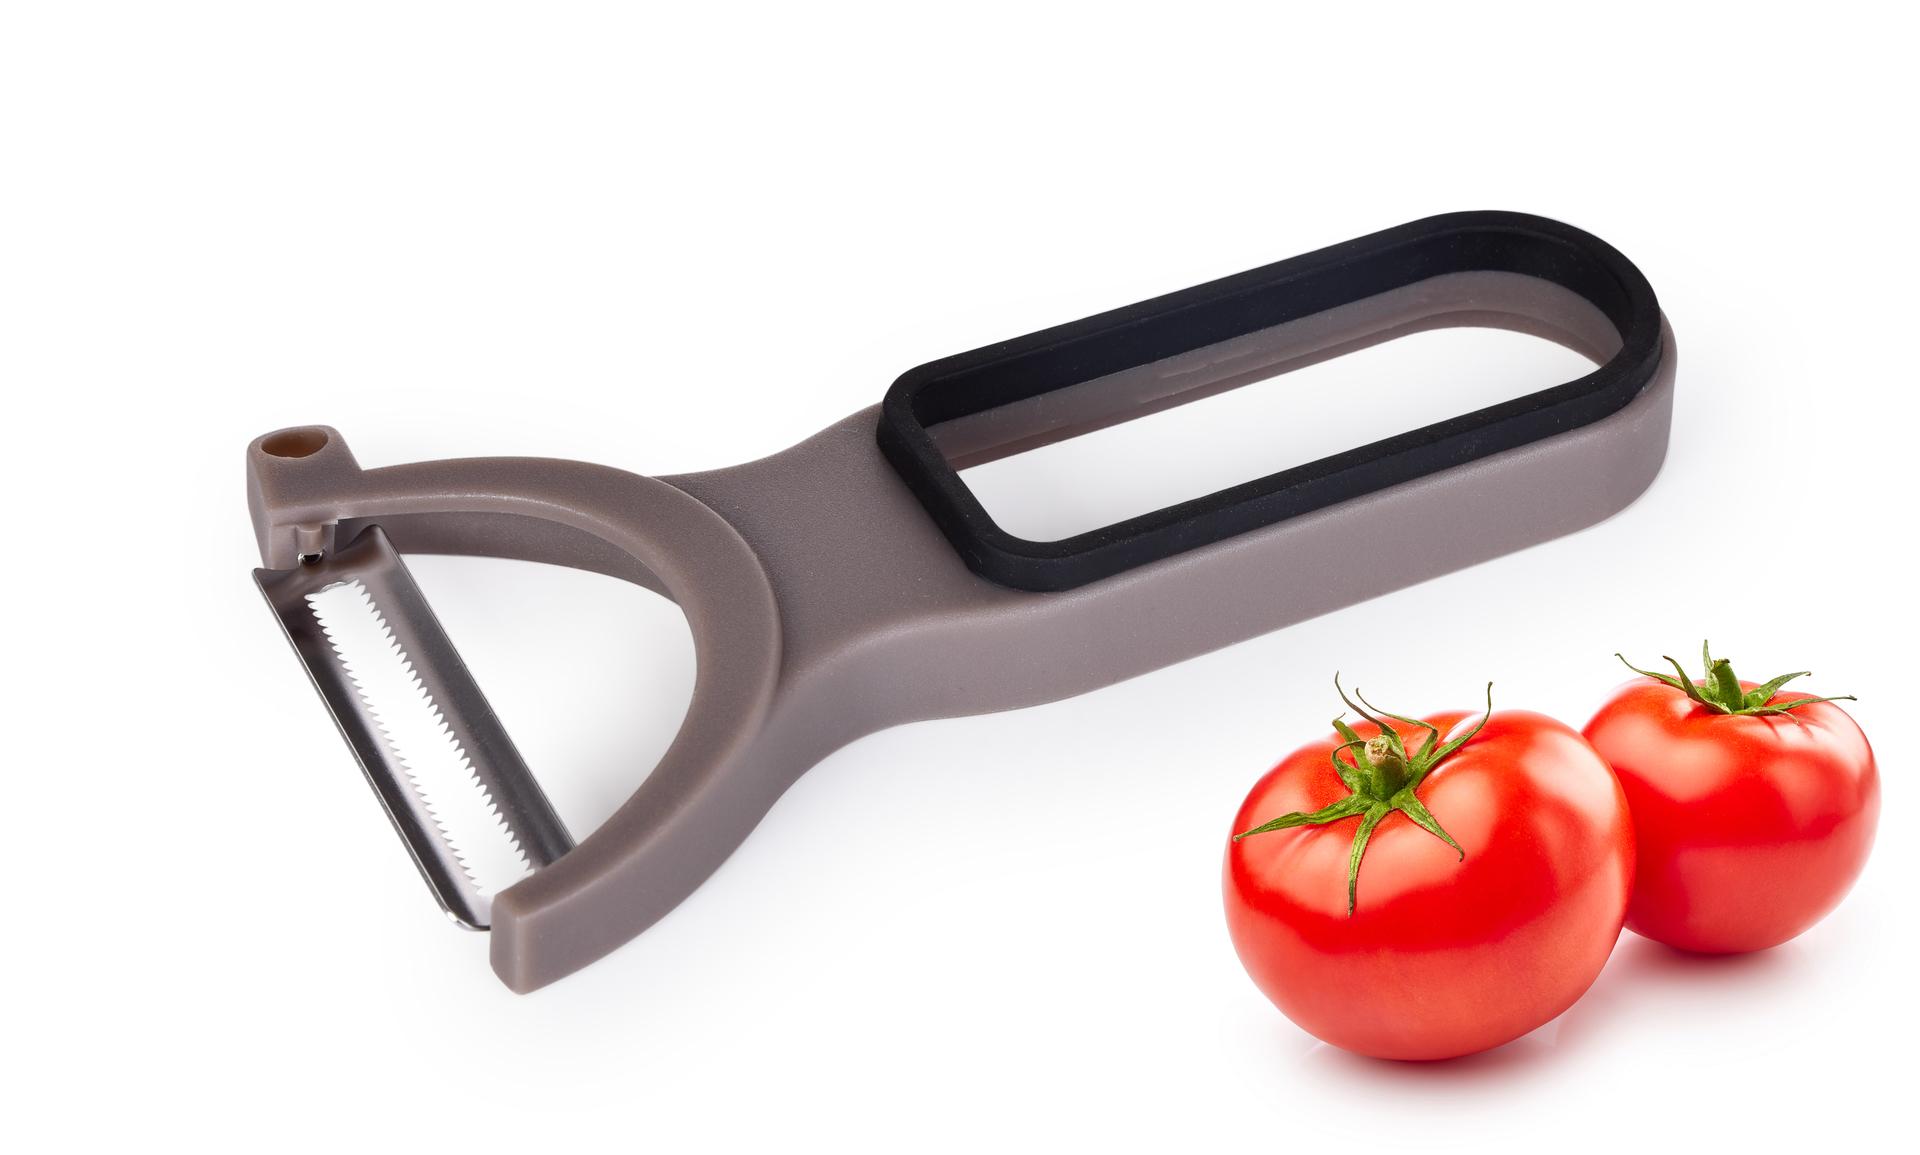 Škrabka s příčnou pilkovou čepelí na měkké plody